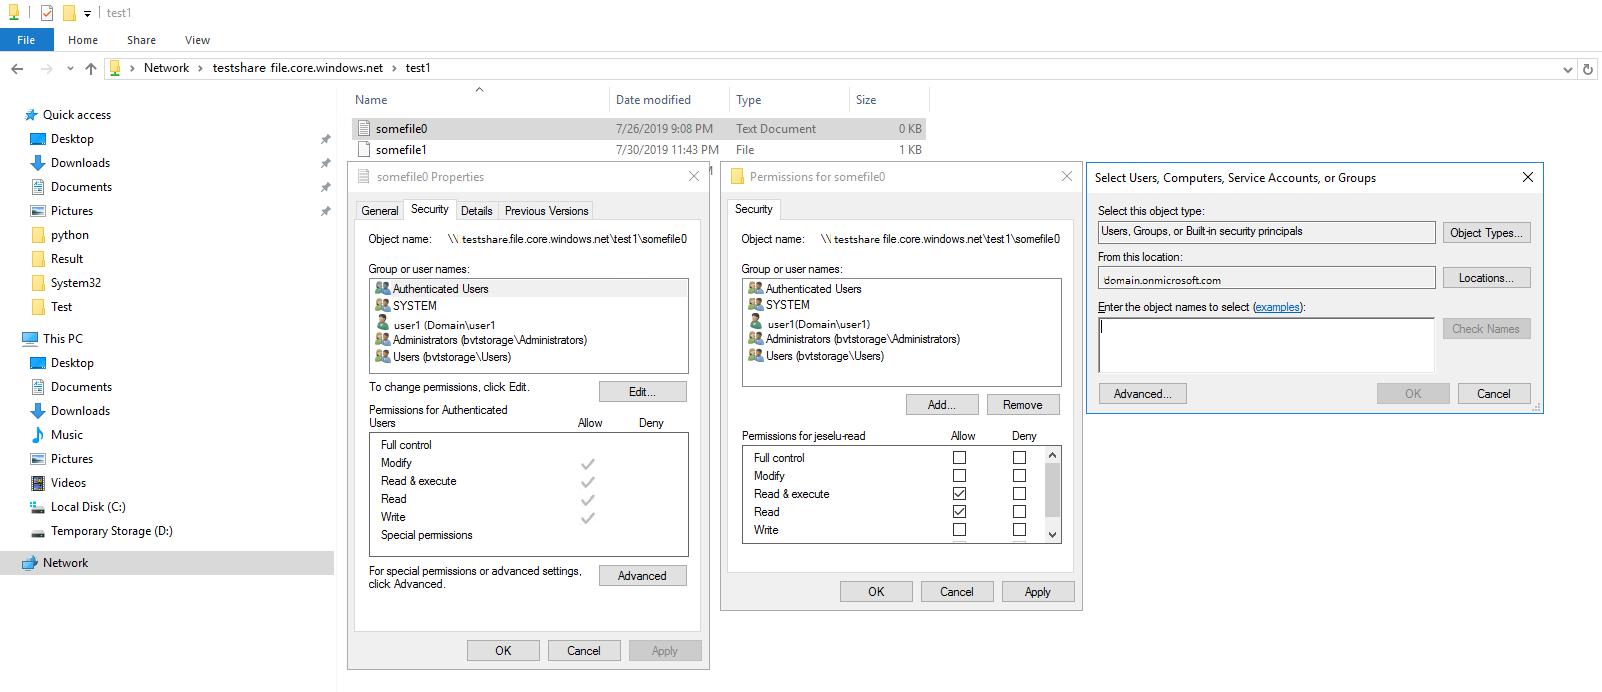 アクセス許可の割り当てにおける Windows エクスプローラーとの統合